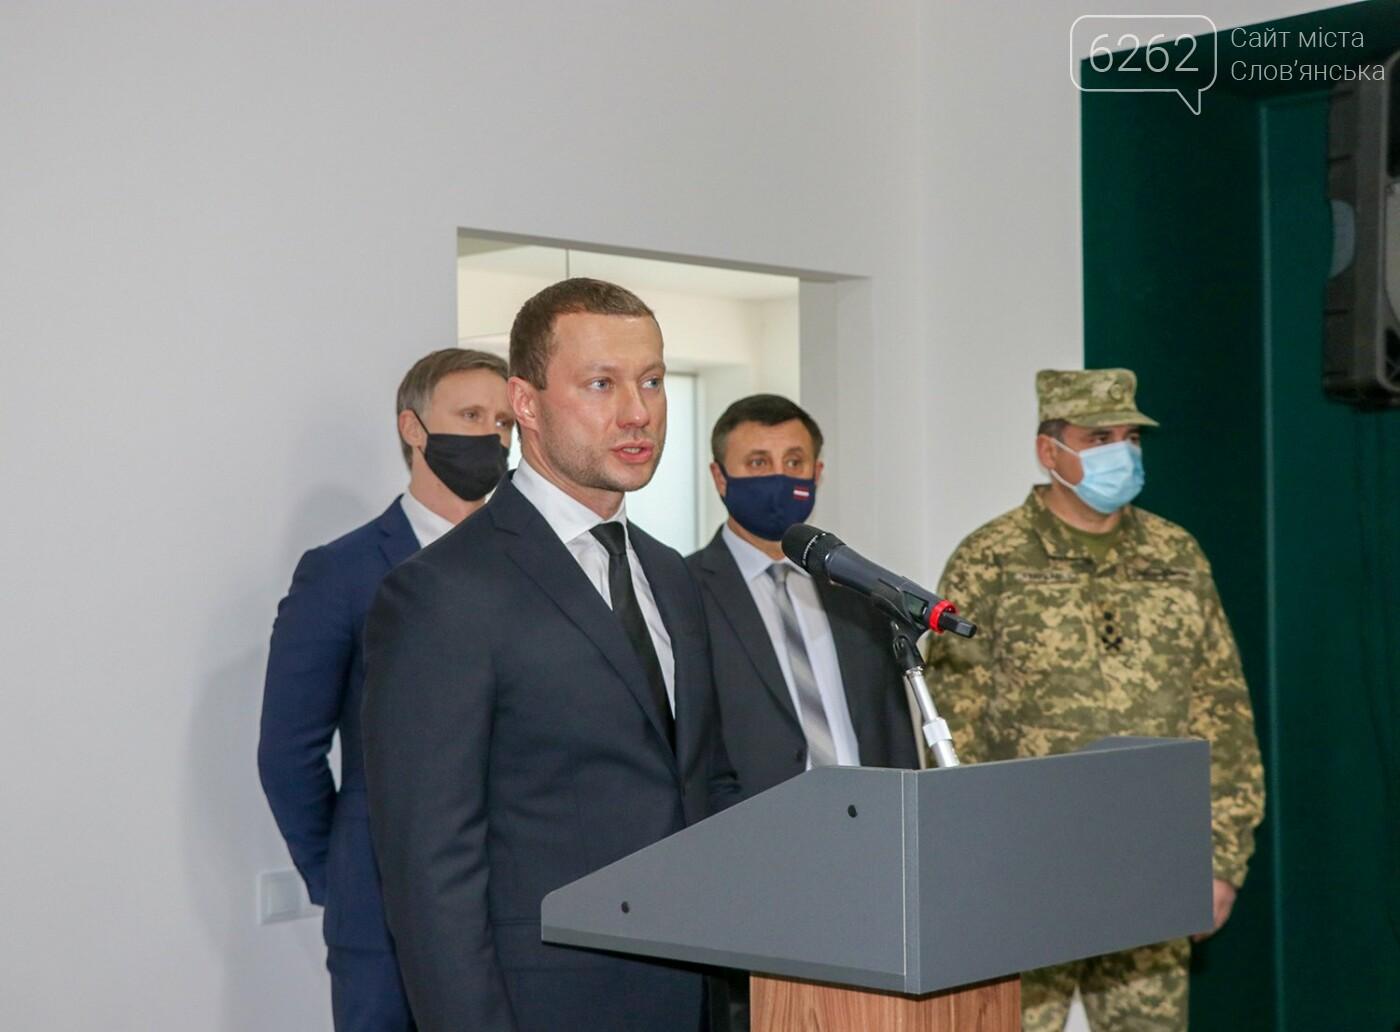 У Слов'янську відкрилося Почесне консульство Латвії, фото-4